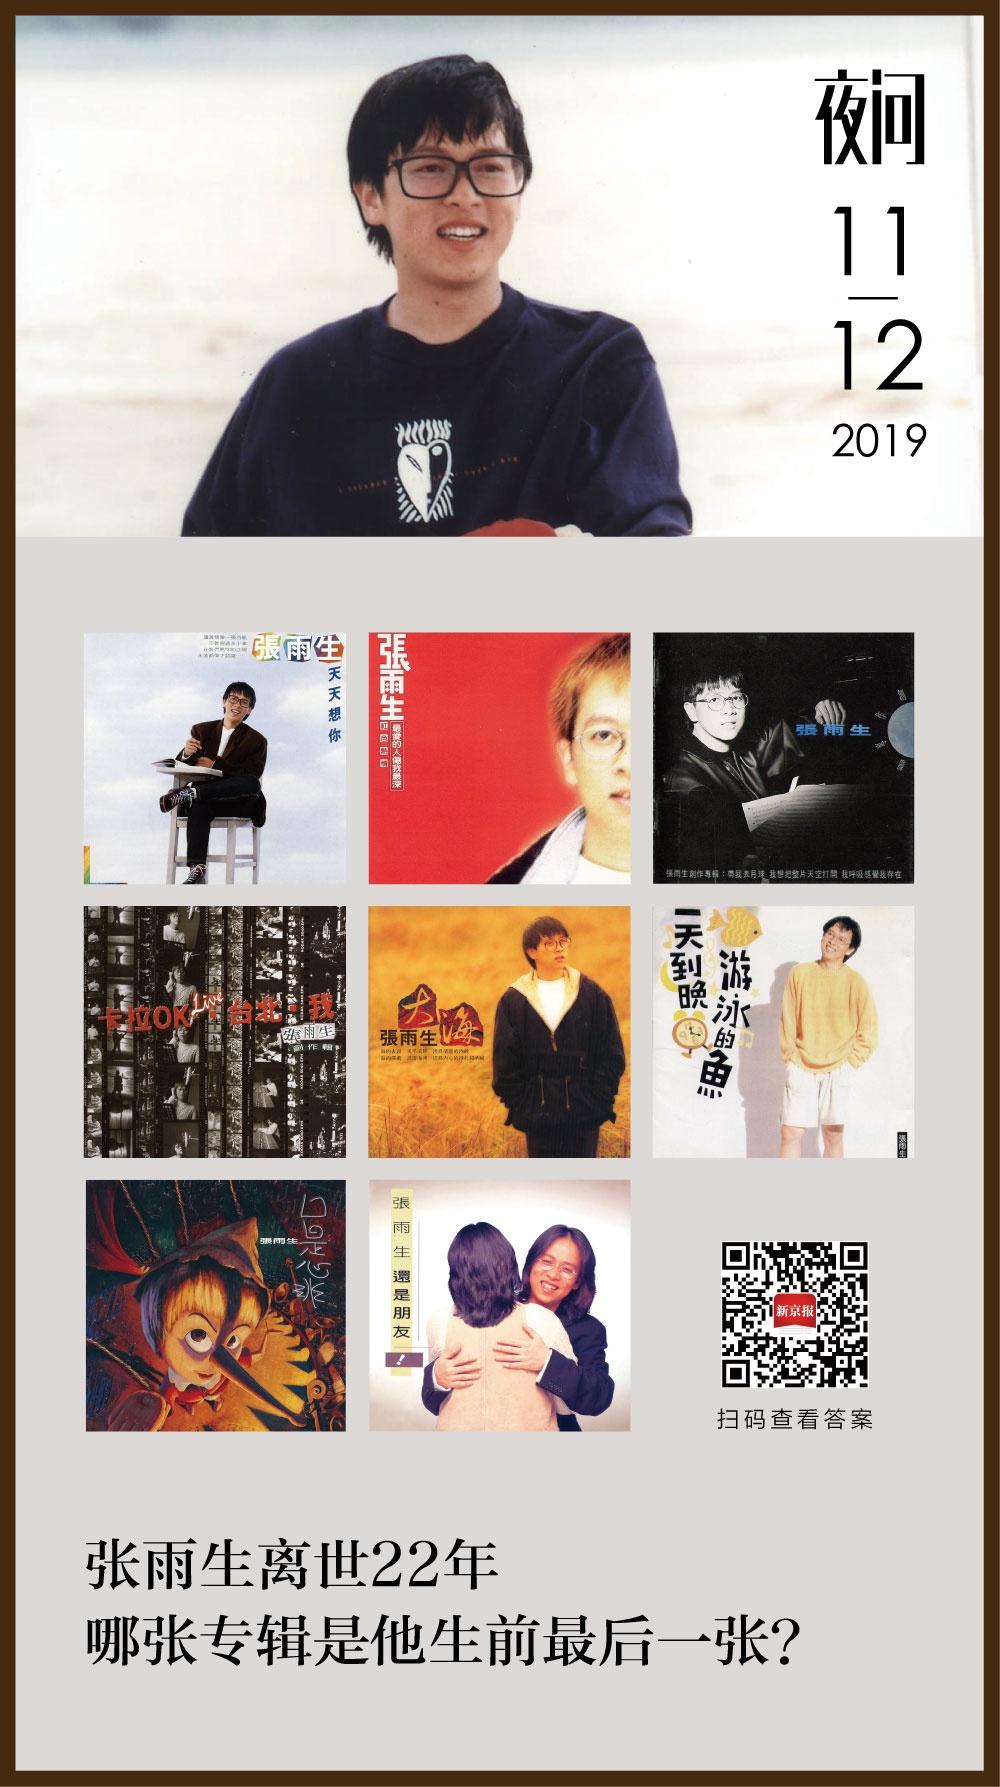 http://www.bjhexi.com/shehuiwanxiang/1517985.html